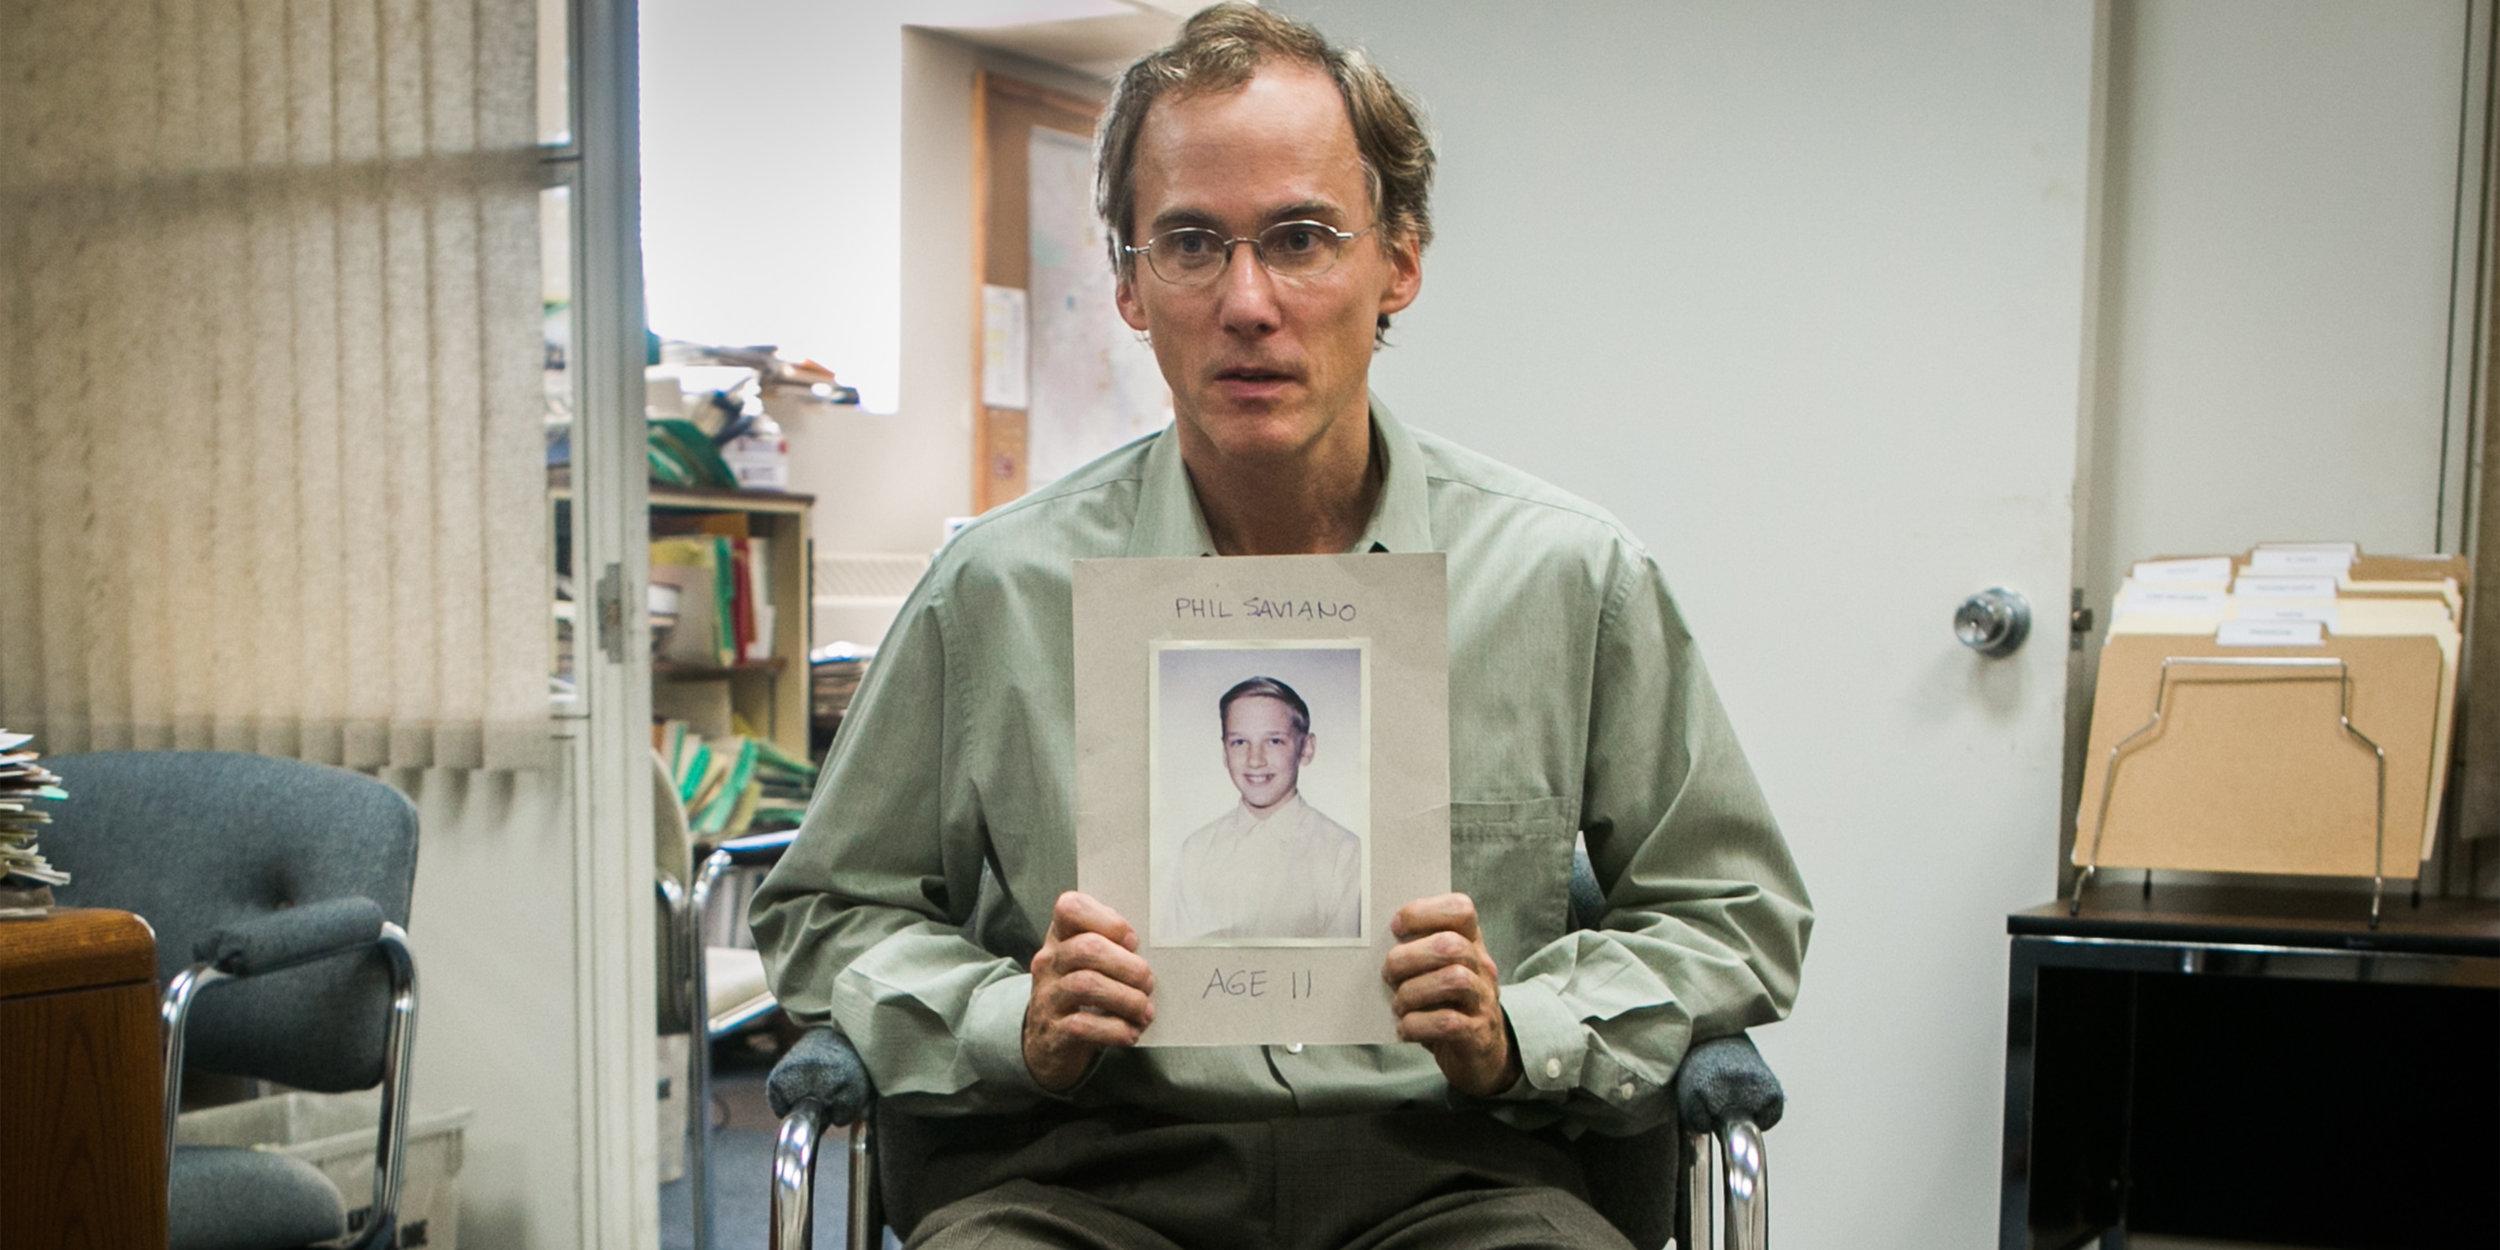 Et av ofrene for katolske presters overgrep forteller til Spotlight-redaksjonen hva det har gjort med ham.